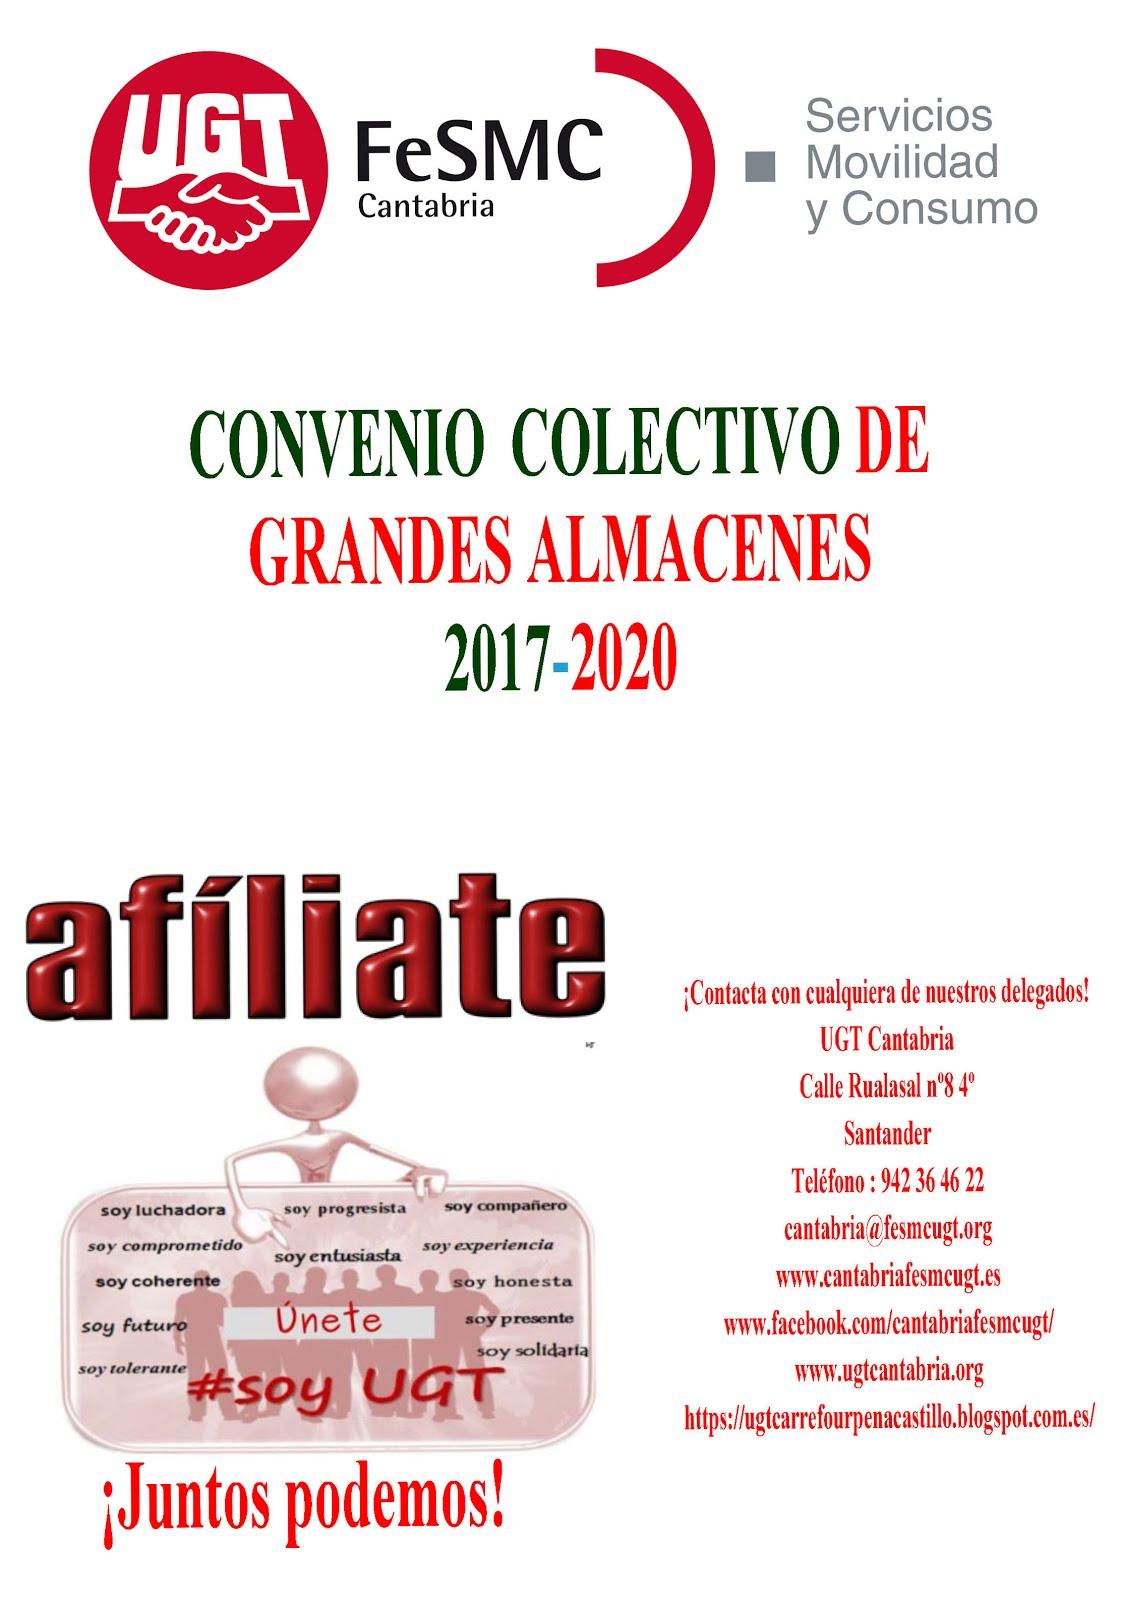 Bájate el Convenio Colectivo de Grandes Almacenes 2017-2020